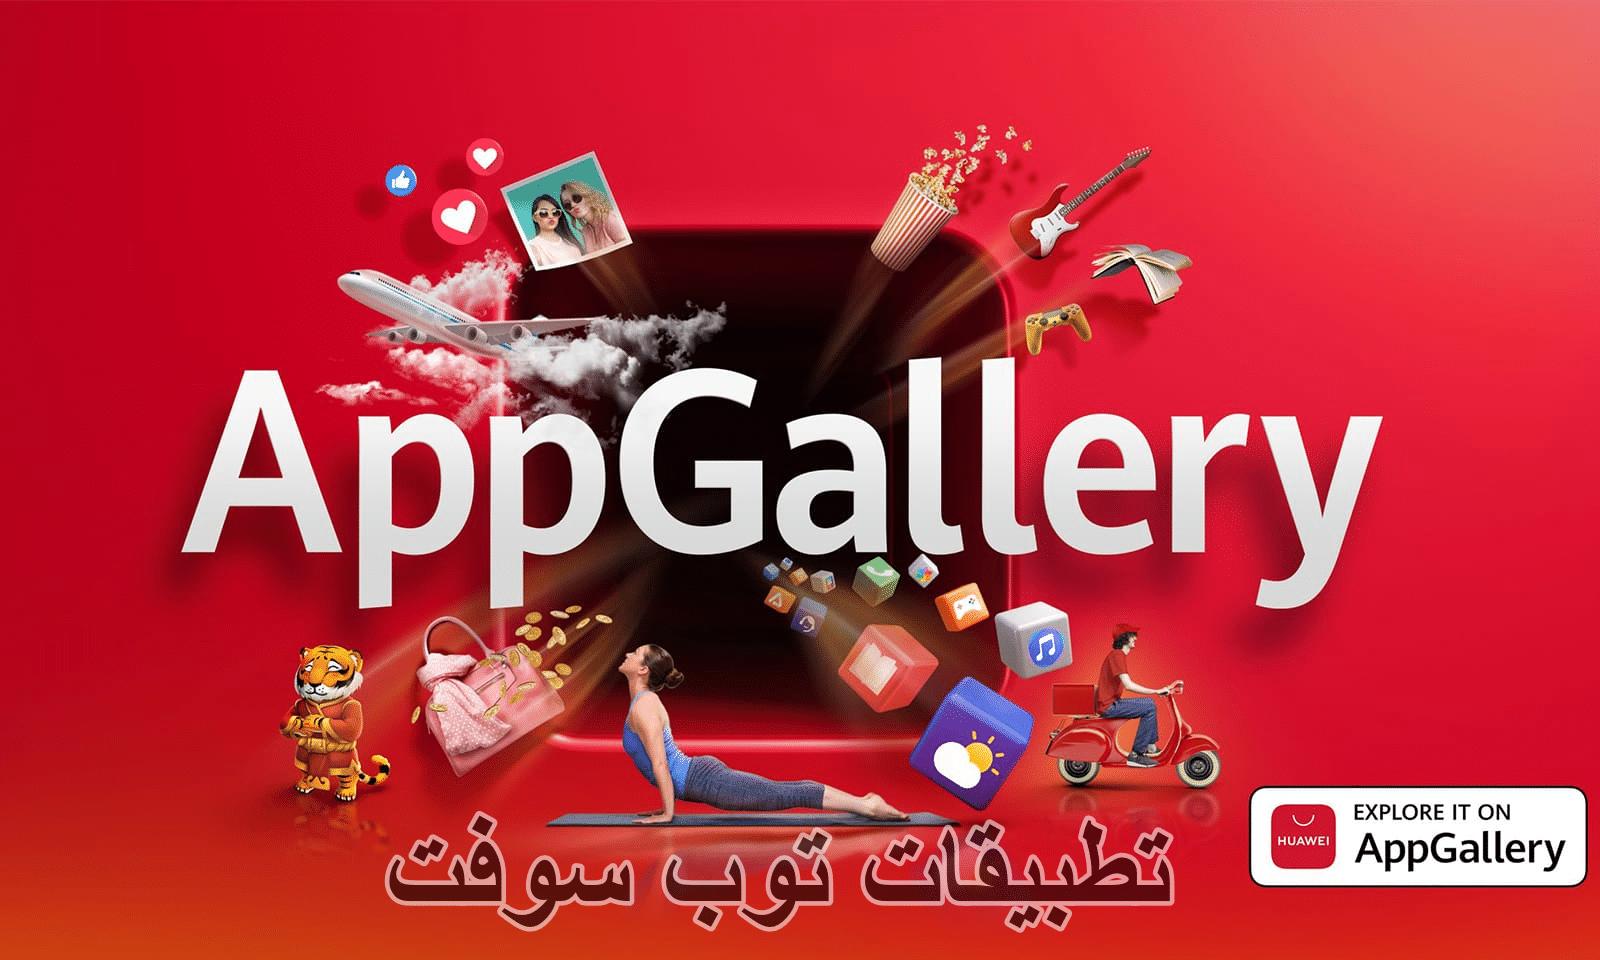 تنزيل تطبيق متجر تطبيقات هواوي Huawei AppGallery